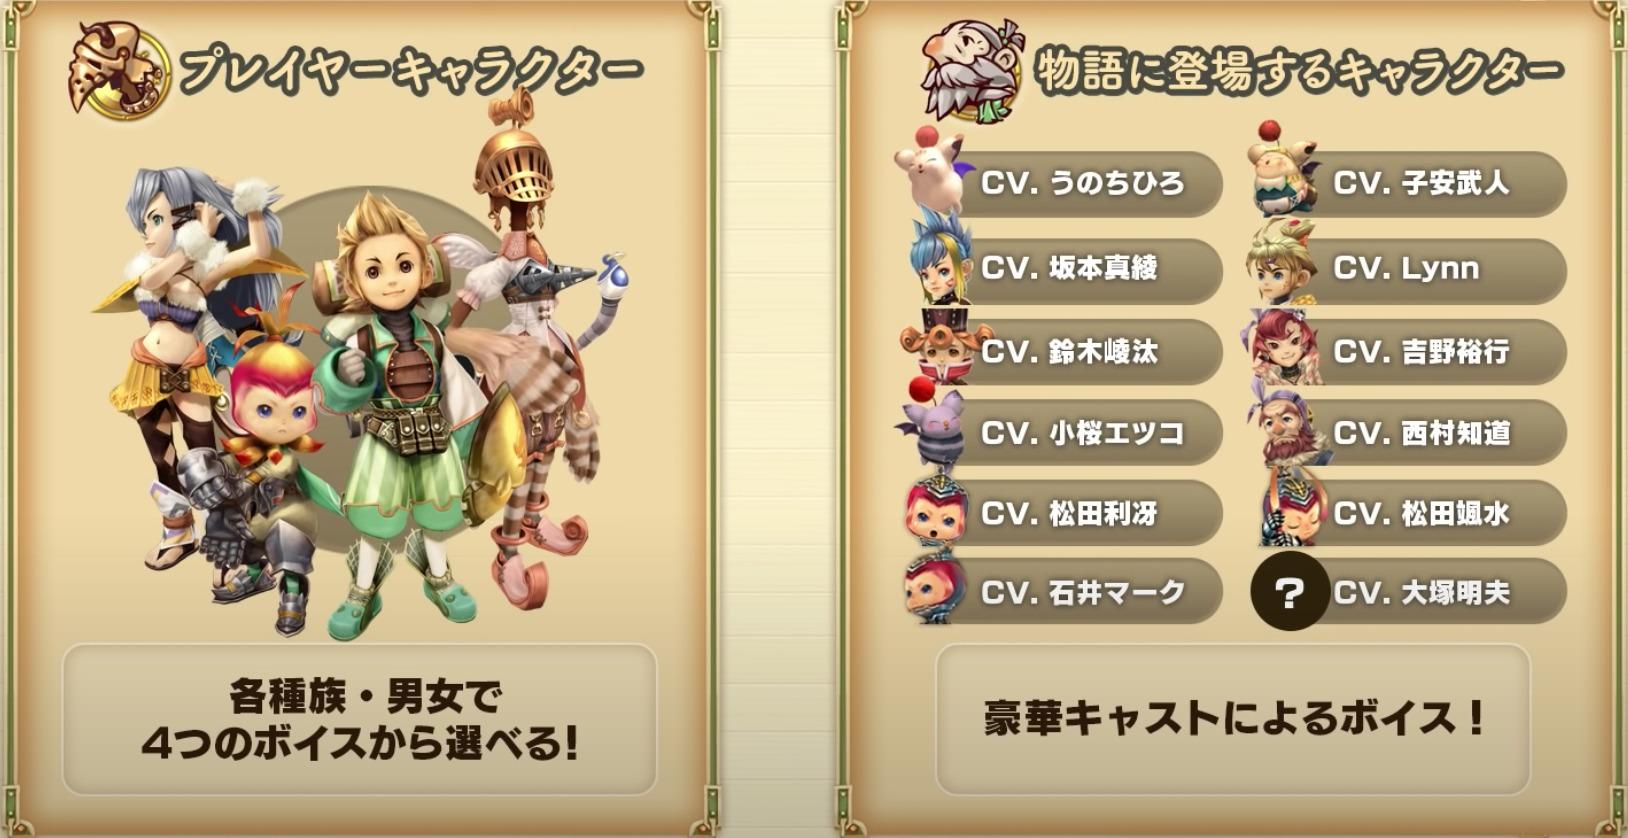 比較④:キャラクターボイスの追加